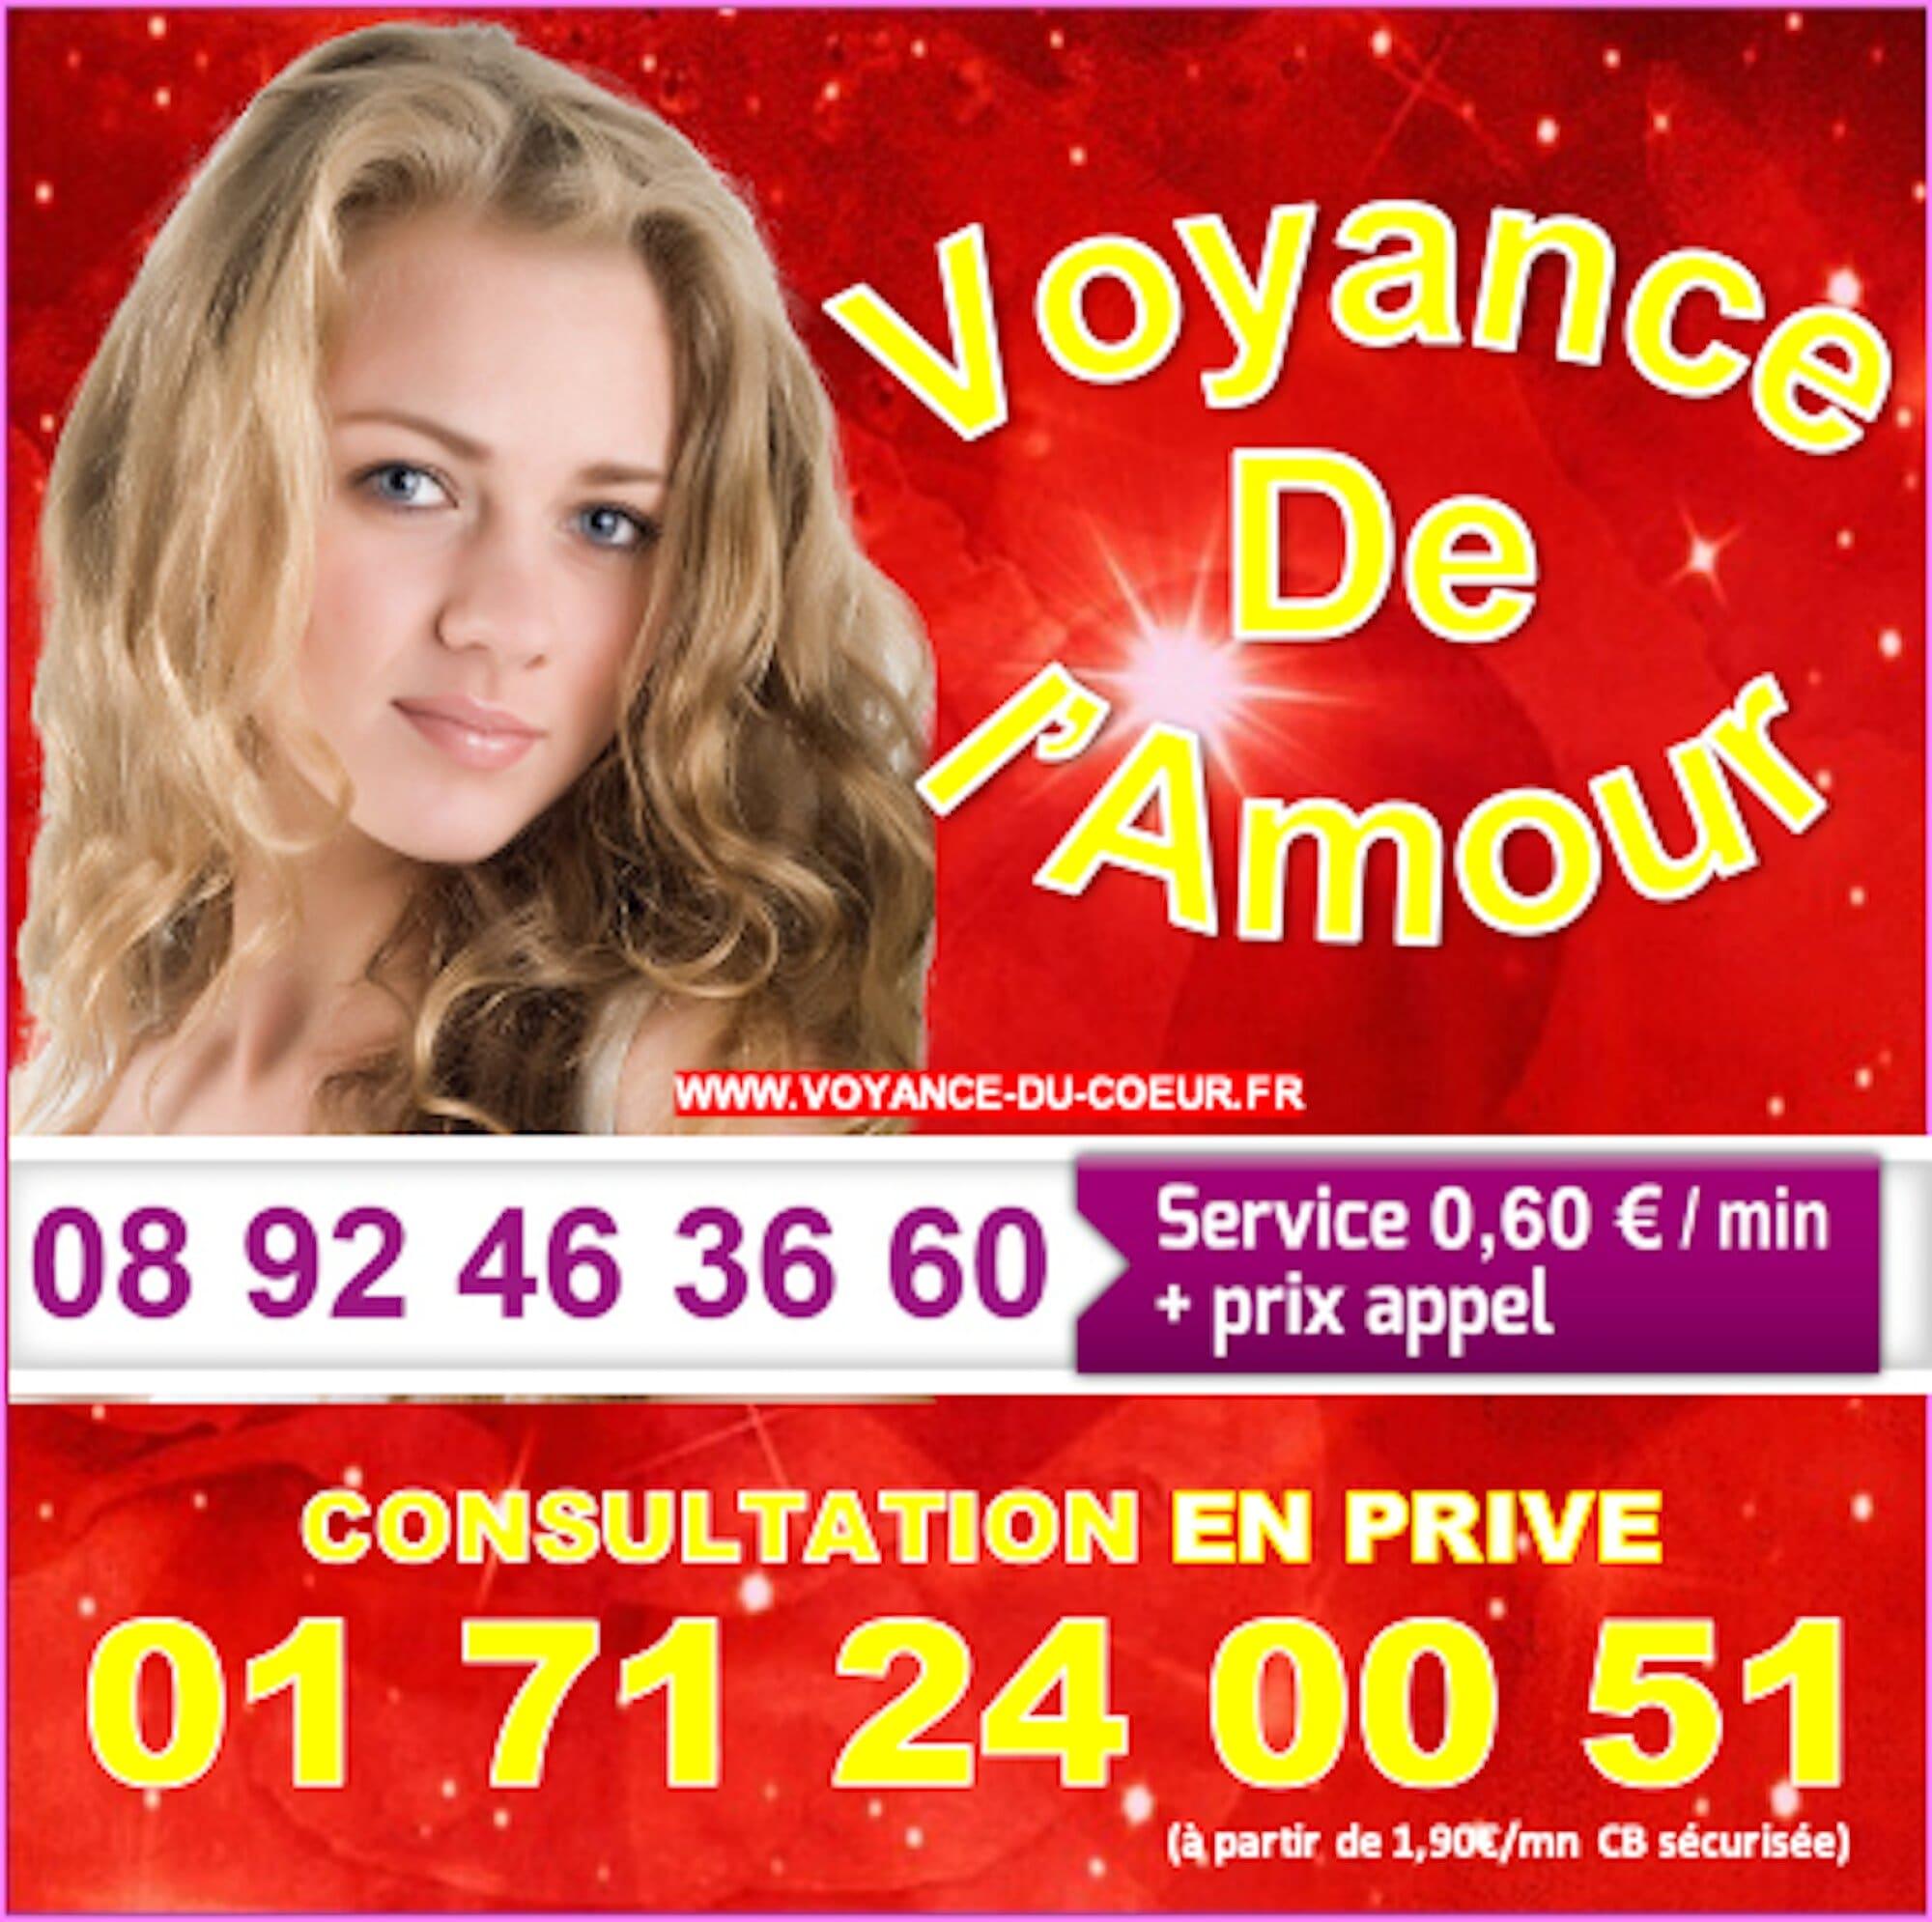 Spécialiste de la voyance de l'Amour au 08.92.46.36.60 (0,60€/mn)